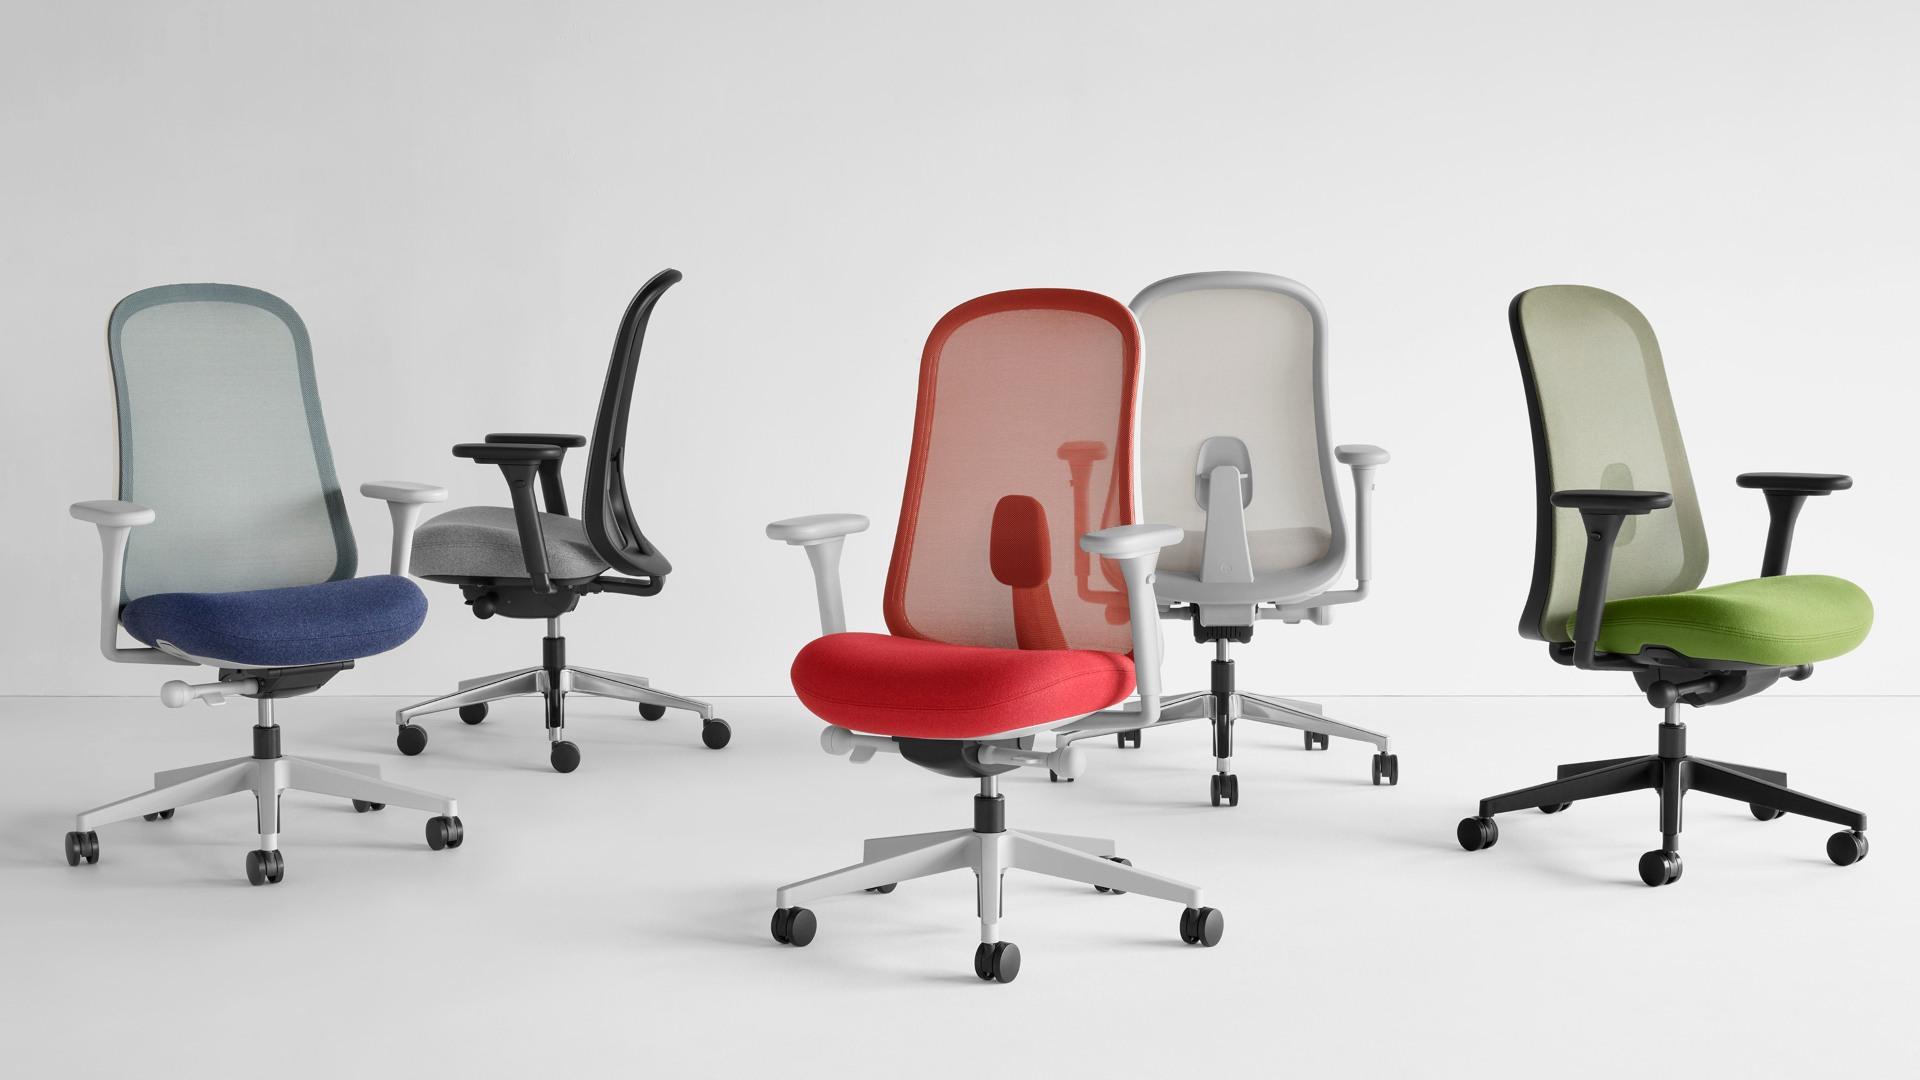 sillas ergonomicas teletrabajo